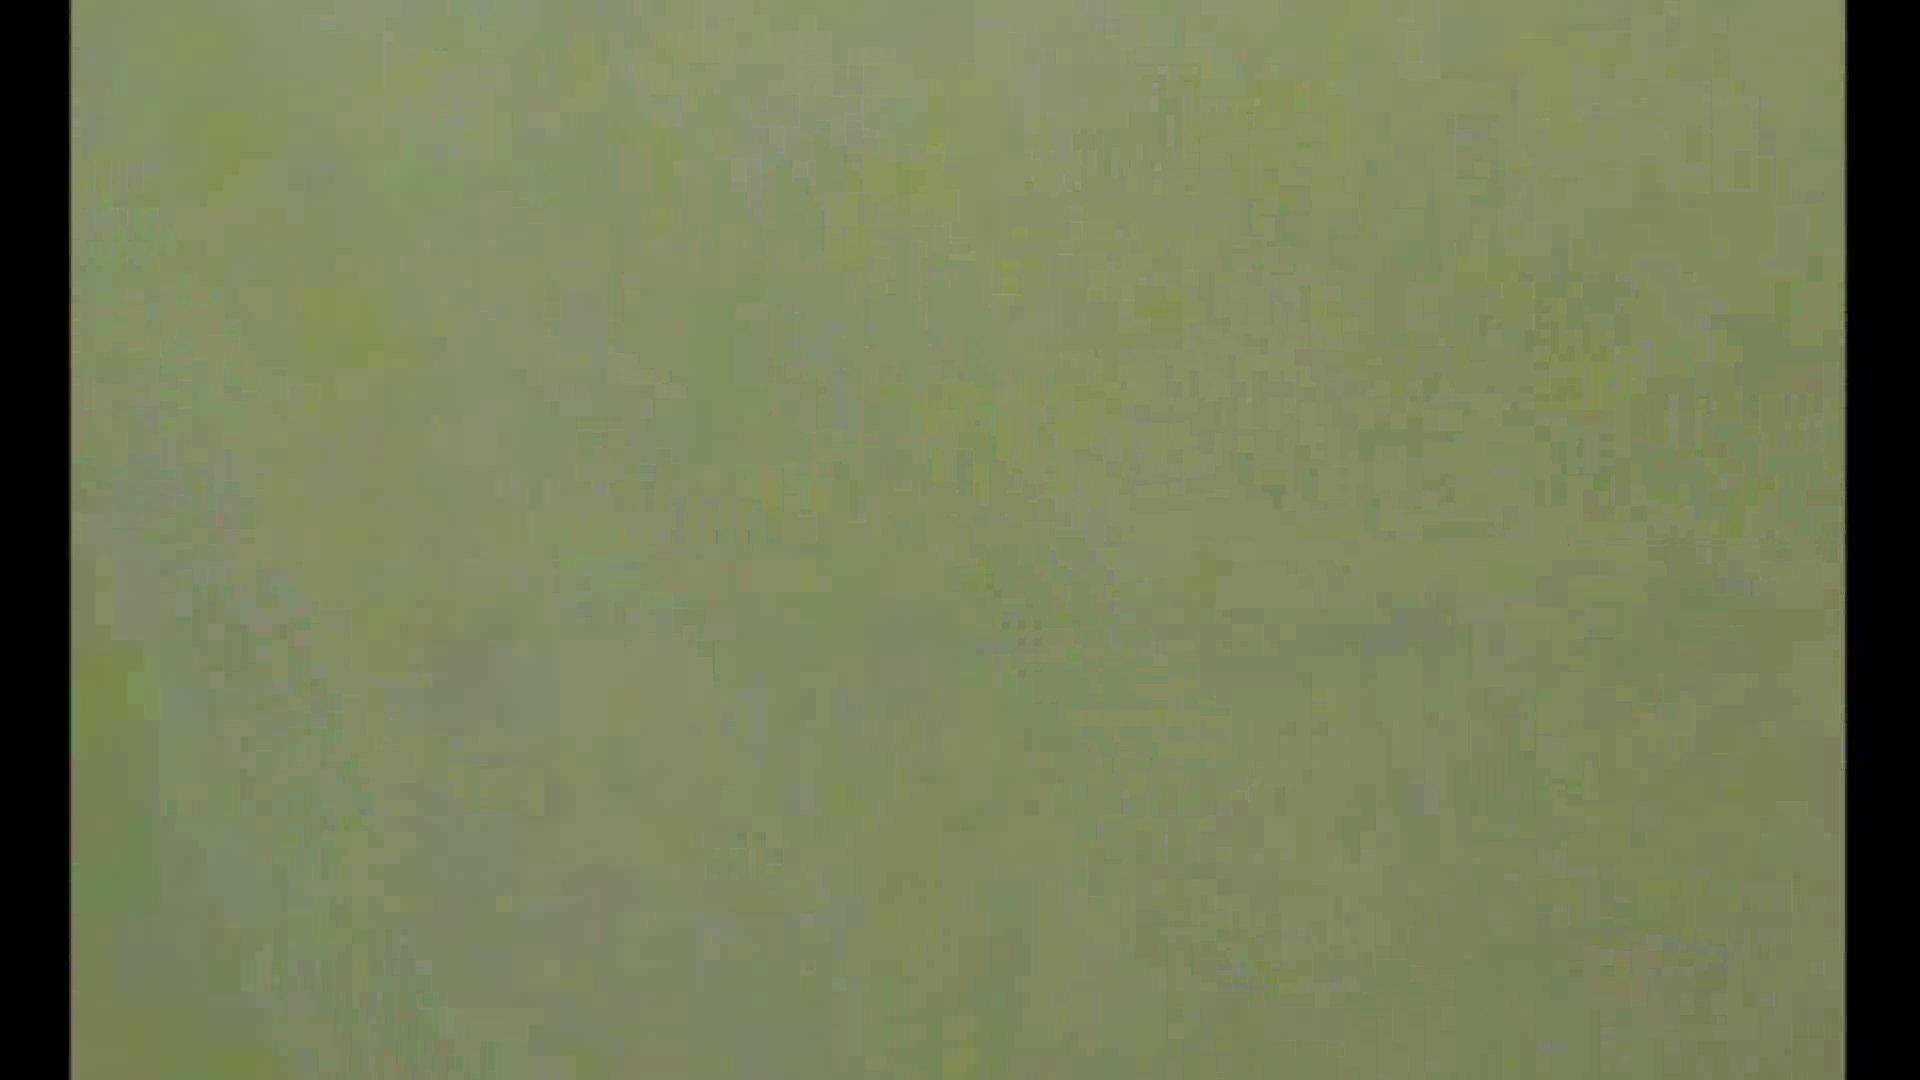 イケメンの素顔in洗面所 Vol.14 男天国 | イケメンのsex  102pic 6